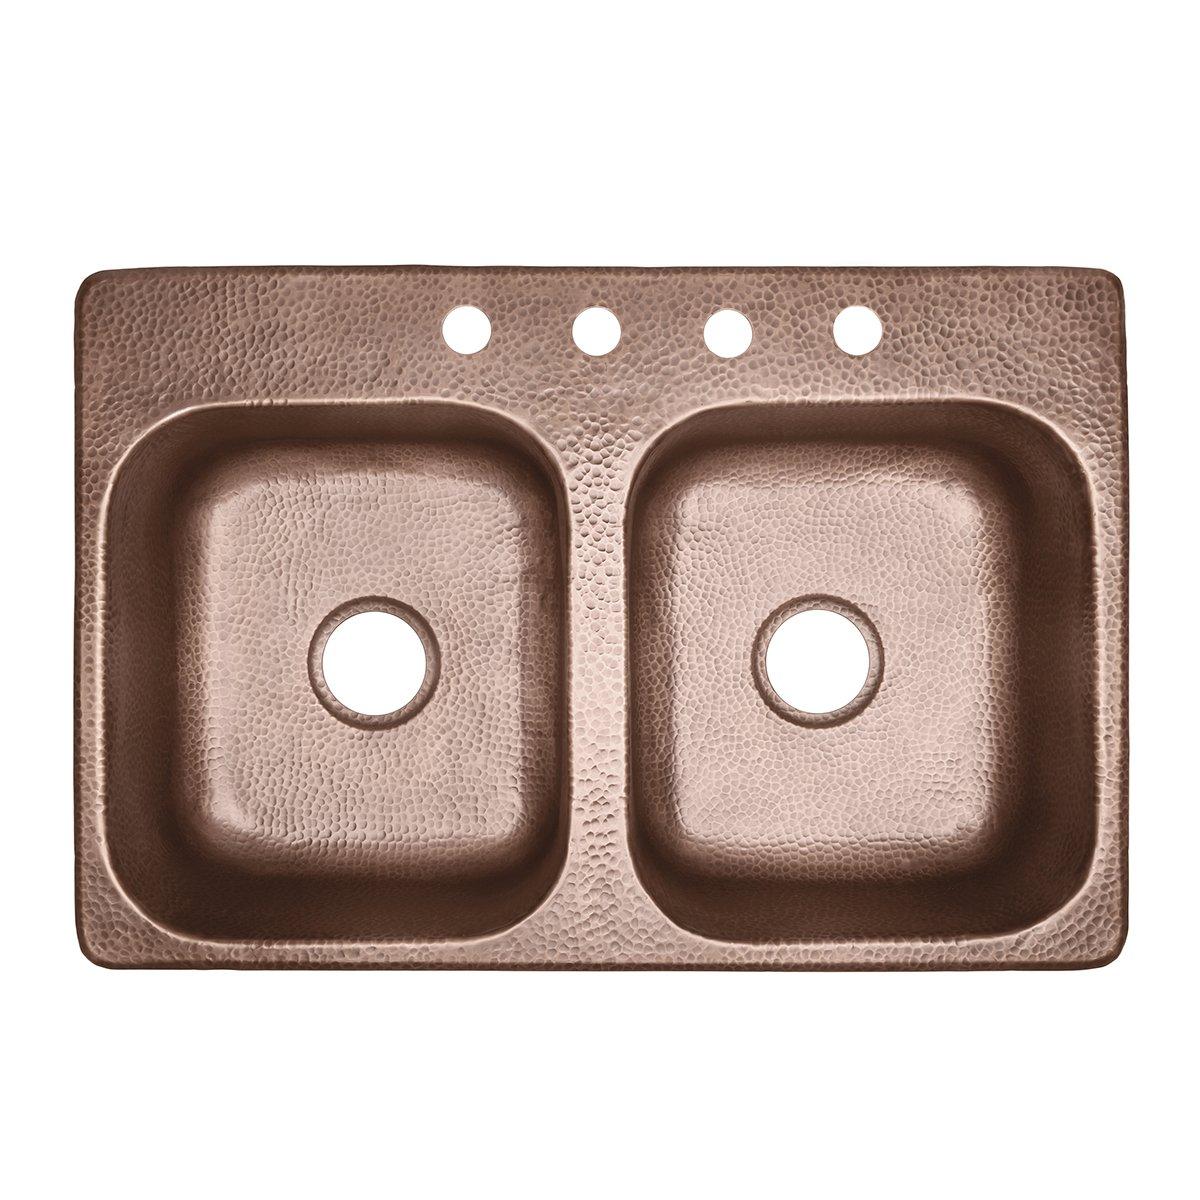 100 Kitchen Kitchen Sinks At Menards Menards Kitchen Sinks Stainless Steel Best Sink